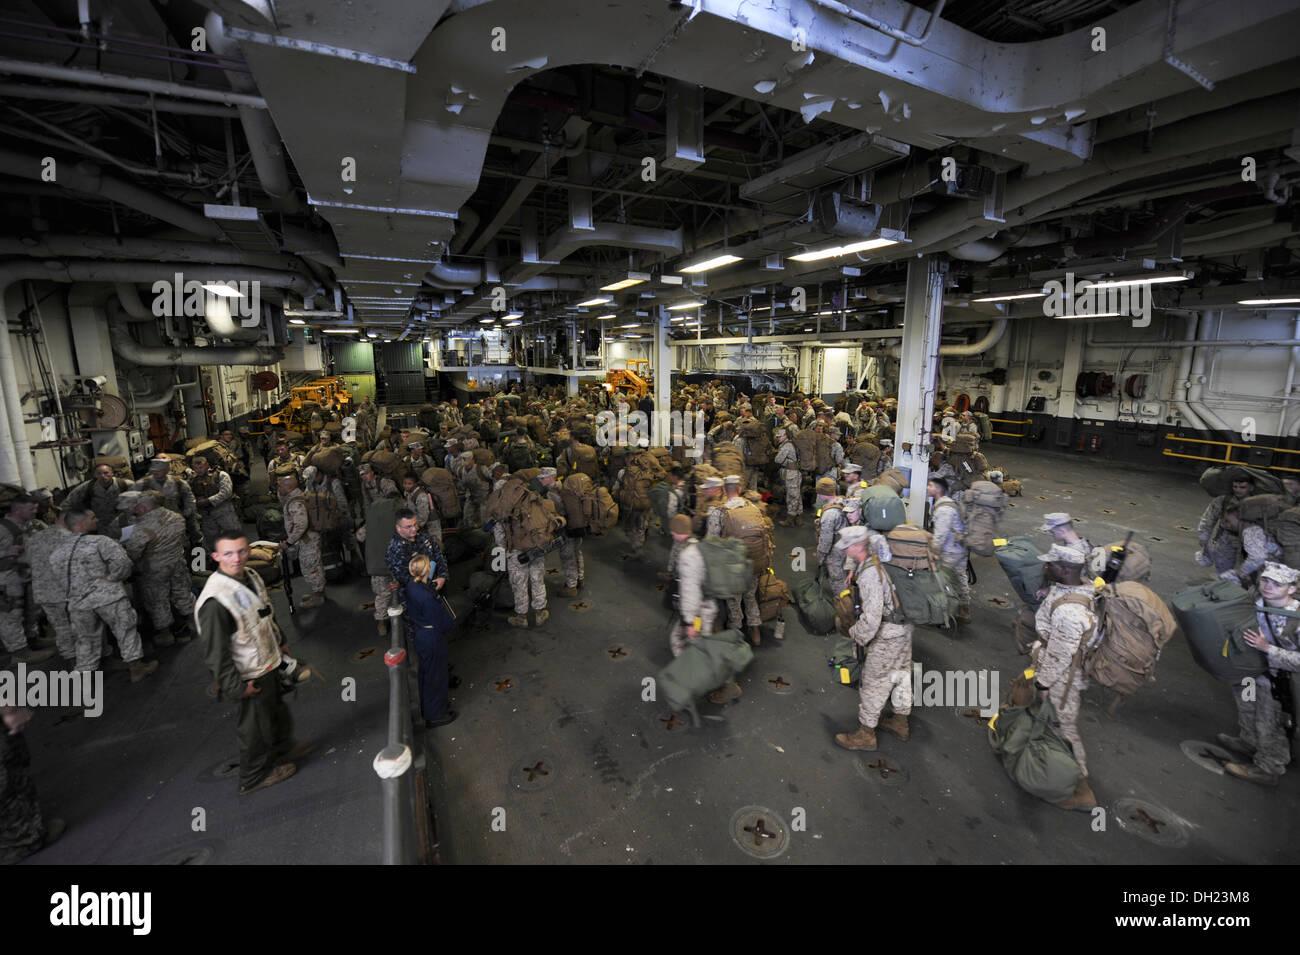 Marines attendere ulteriori istruzioni all'interno del pozzo del ponte della multipurpose Amphibious Assault nave USS Bataan (LHD 5). Bataan marinai e ventiduesima Marine Expeditionary Unit Marines sono in corso di conduzione delle qualifiche di routine. Immagini Stock